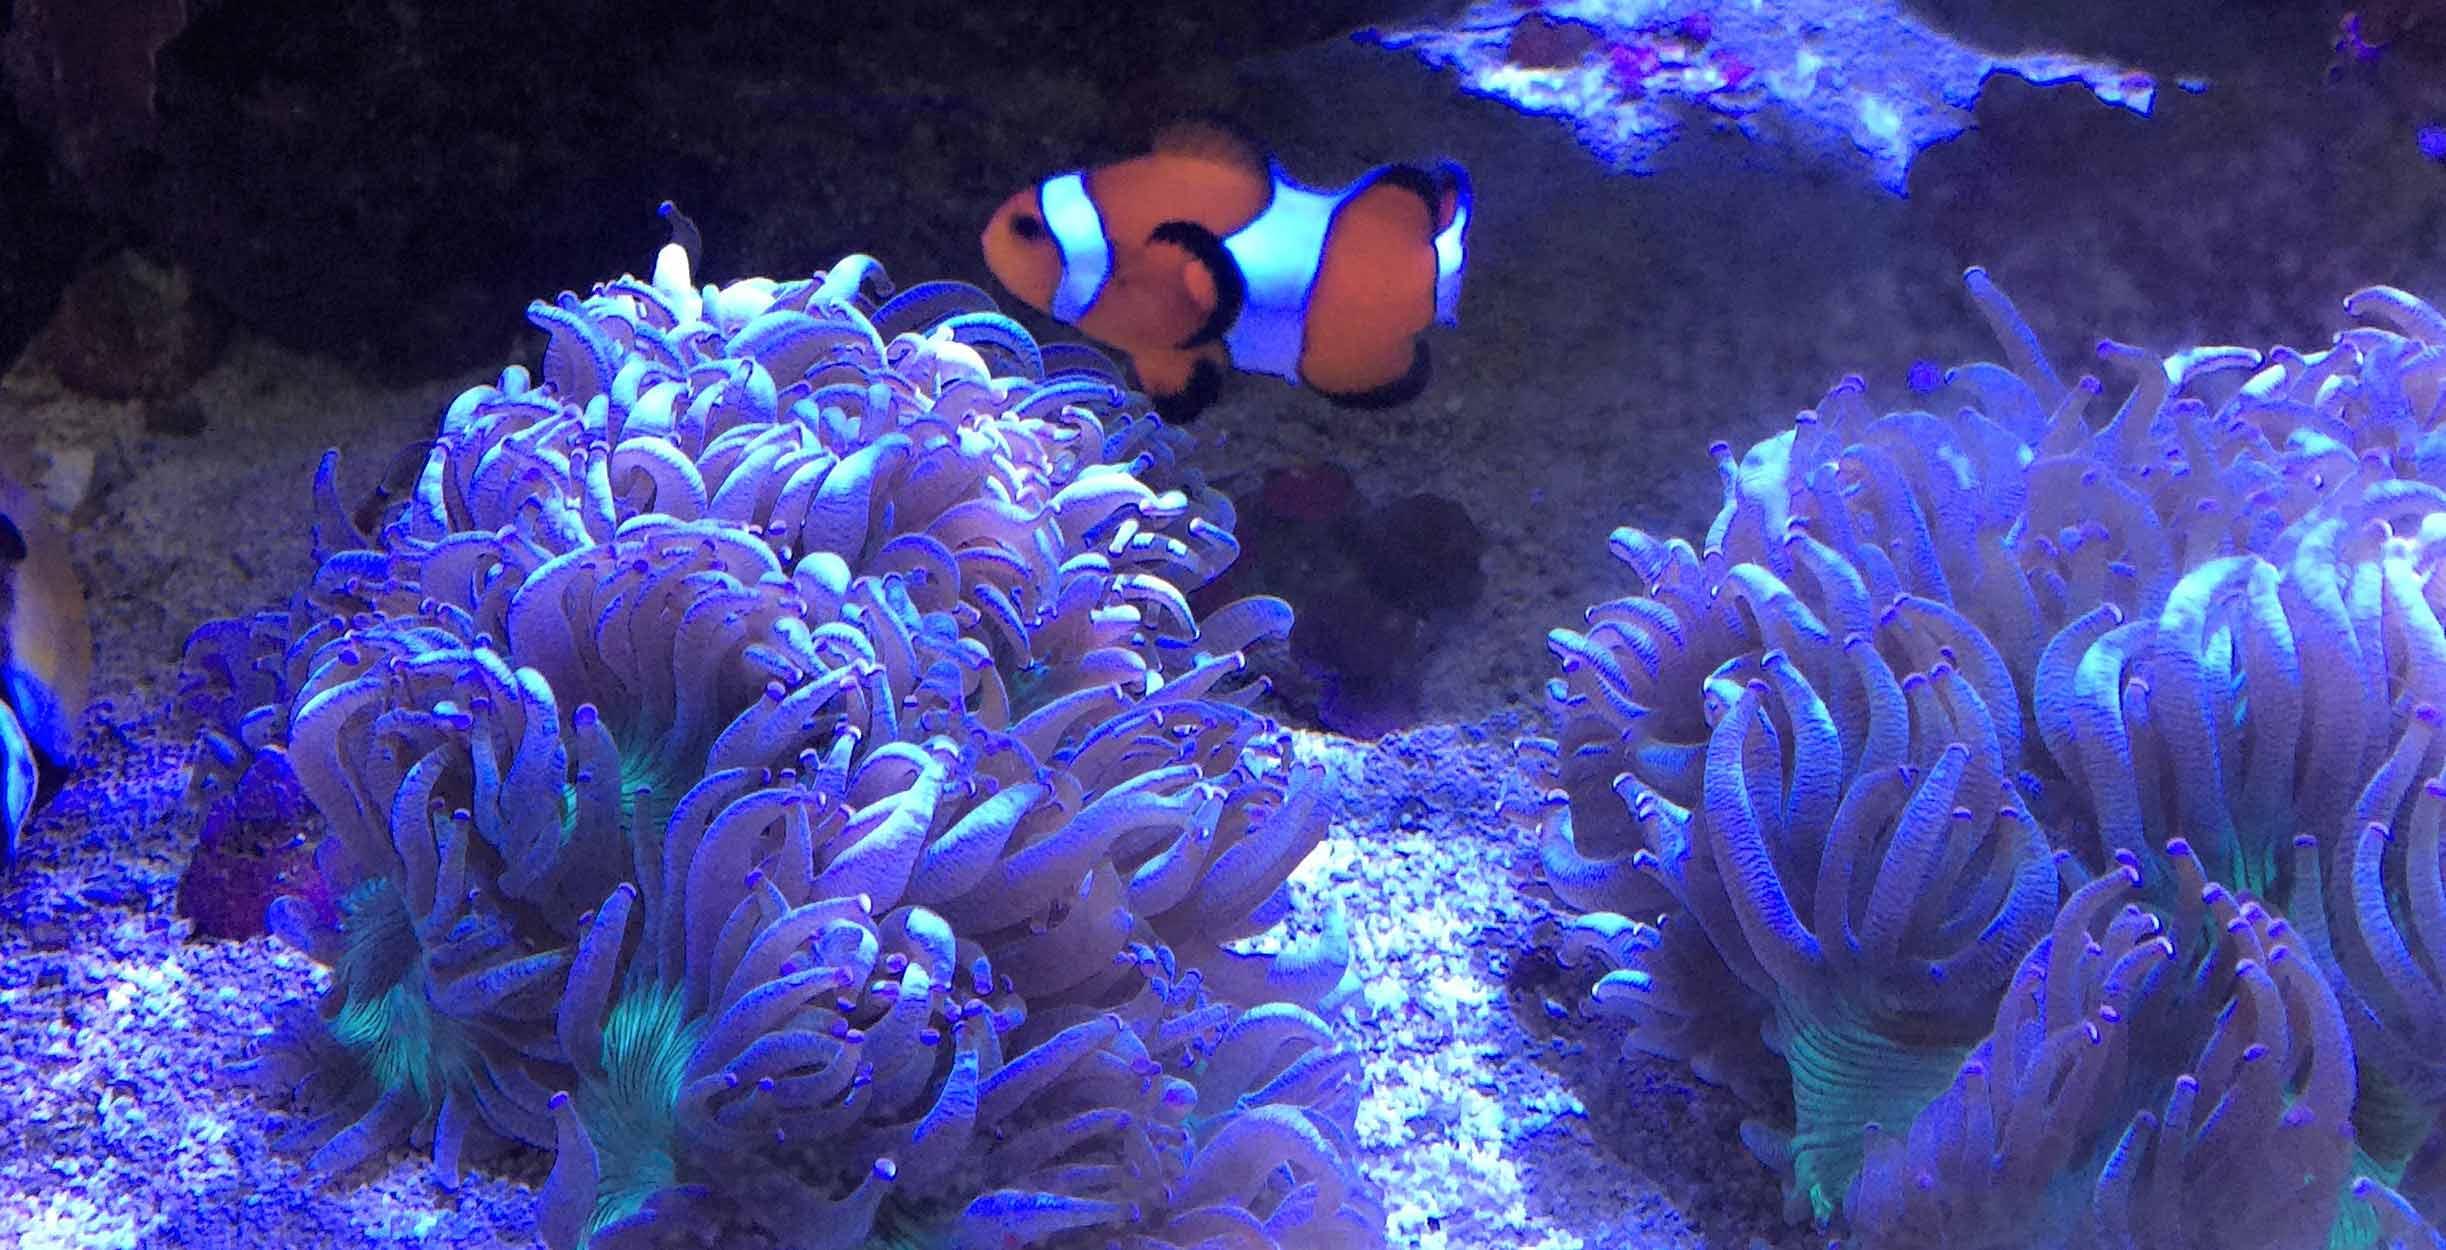 Saltwater Fish, Coral & Invertebrates - Aquarium Adventure